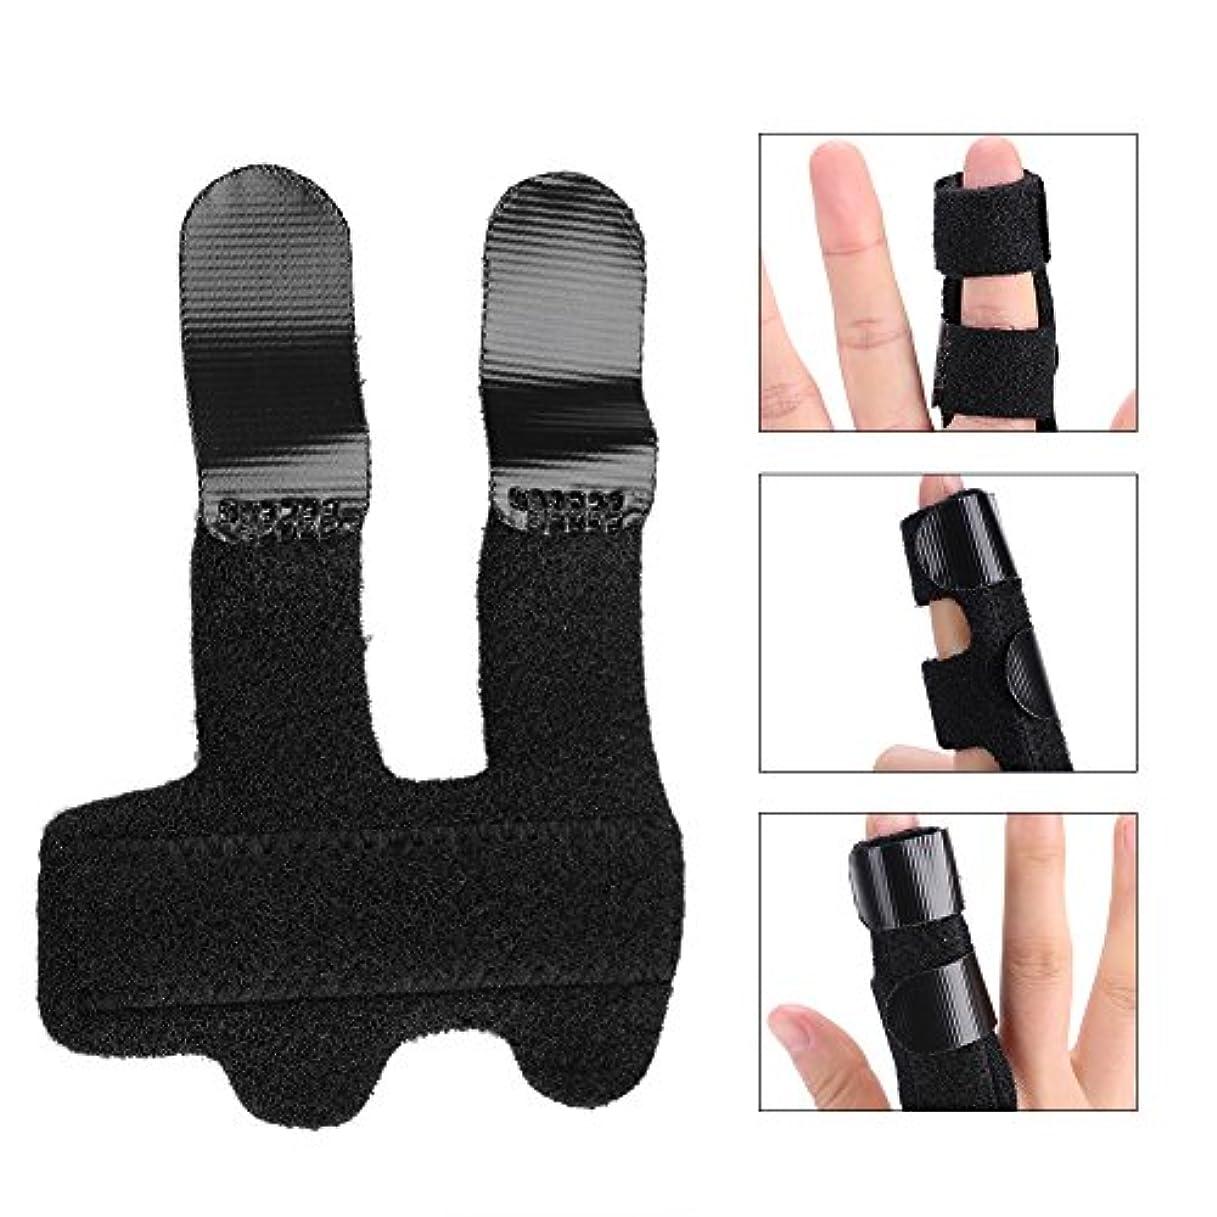 ぼかす束飲み込む指スプリントサポートブラケット 調節可能な固定ストラップ 内蔵アルミニウム 指のまっすぐに使用 痛みを和らげる